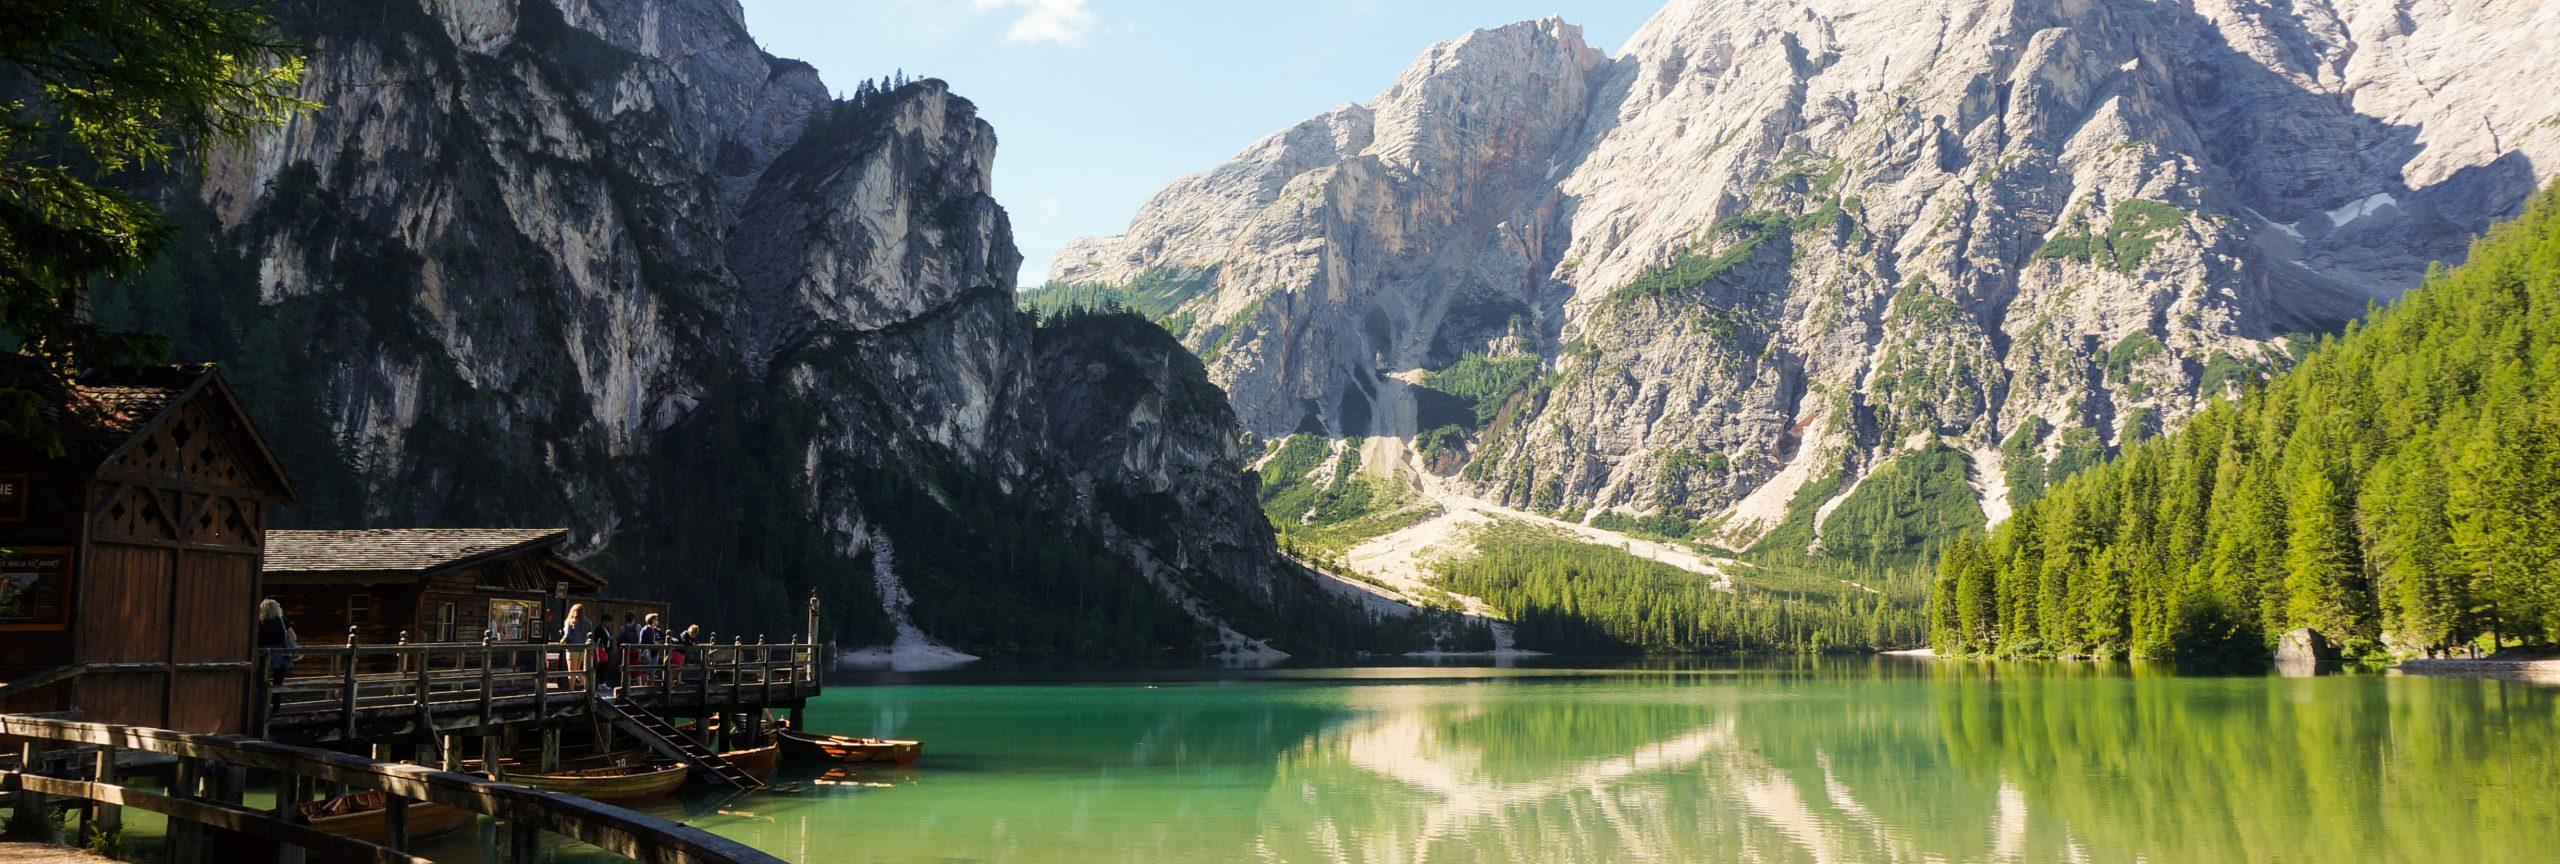 Italie vakantie - meer en bergen  - De Planeet Reizen